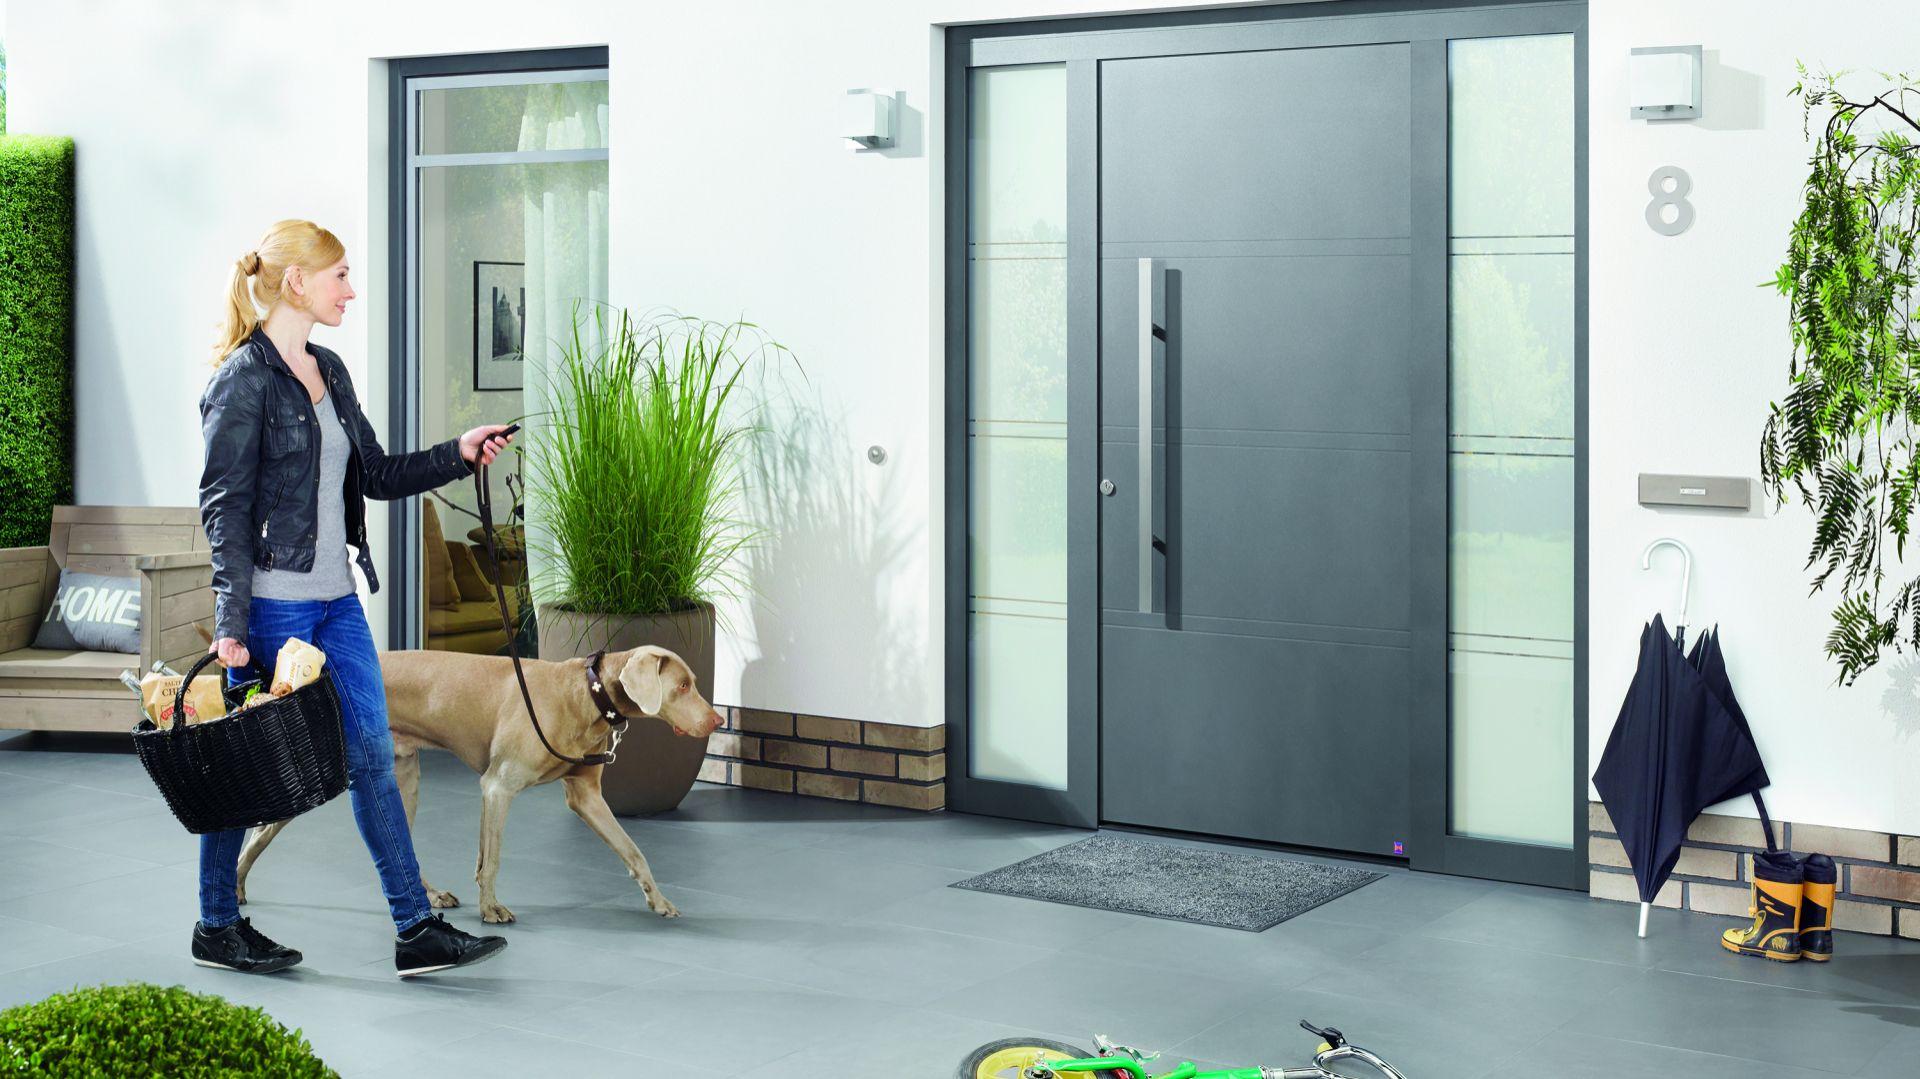 Drzwi są jednym z ważniejszych elementów architektonicznych twojego domu. Jednak poza walorami estetycznymi powinny cechować się bezpieczeństwem i wysokimi parametrami energooszczędności. Fot. Hörmann